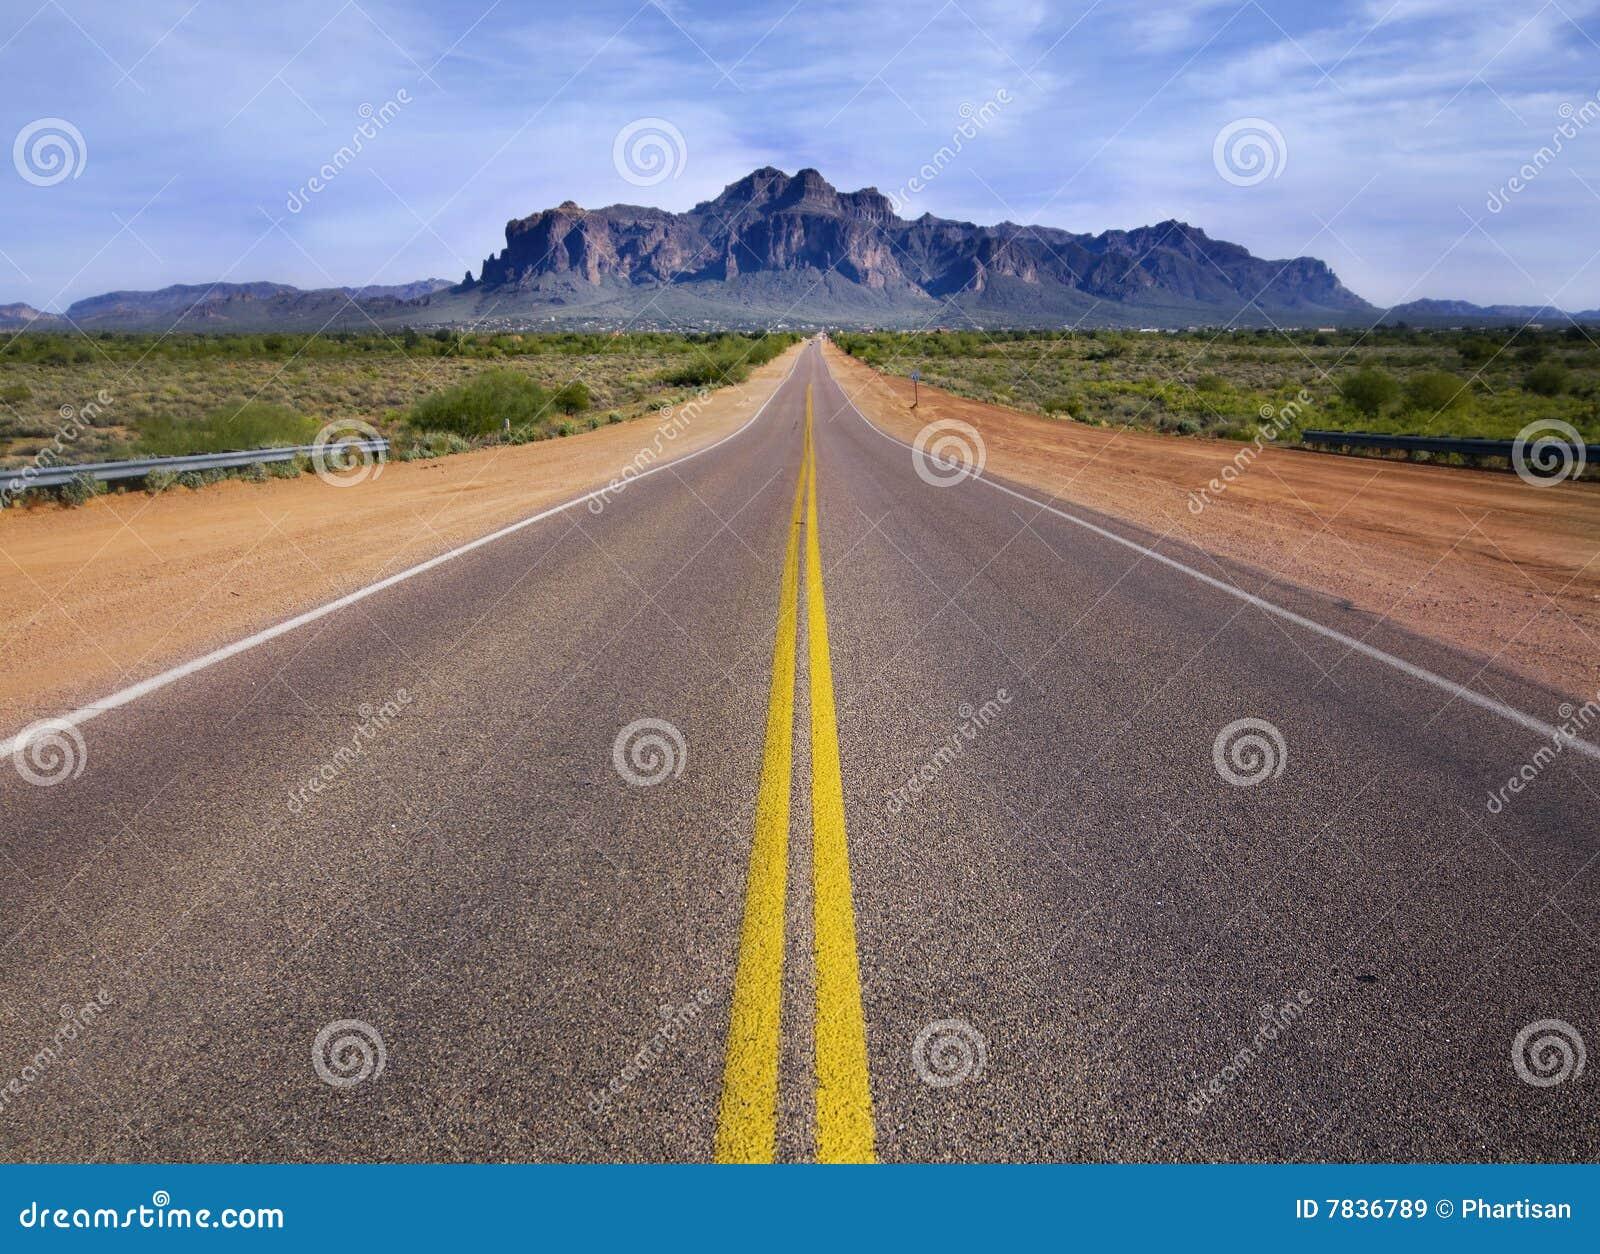 дорога горы пустыни ведущая к глуши